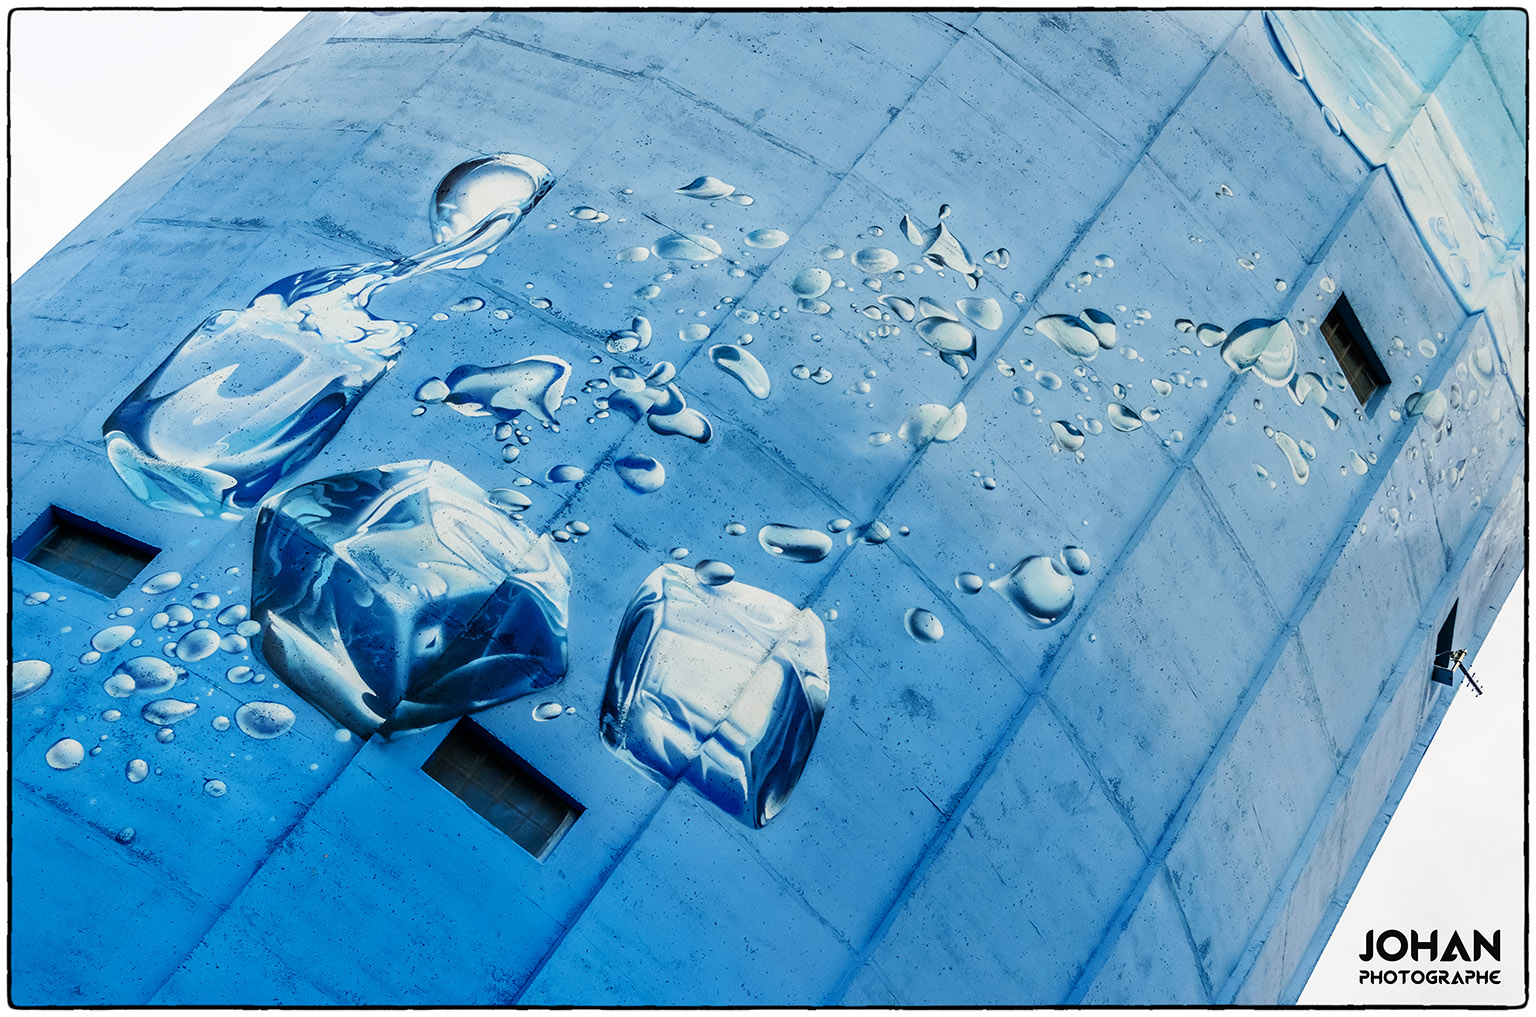 http://1.bp.blogspot.com/-1UrvdYAajS4/UtpzHIiPigI/AAAAAAAAFW4/rBiiMD0e0Sk/s1600/Ch%C3%A2teau+d'eau+Servian+04.JPG